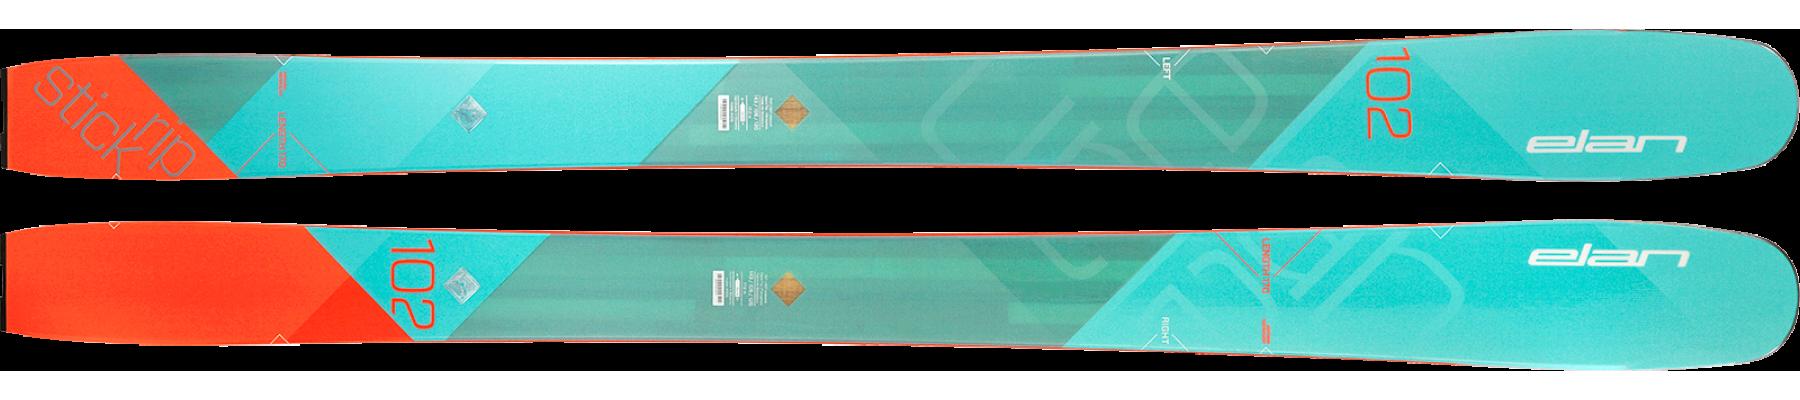 Elan-Ski-RIPSTICK-102W